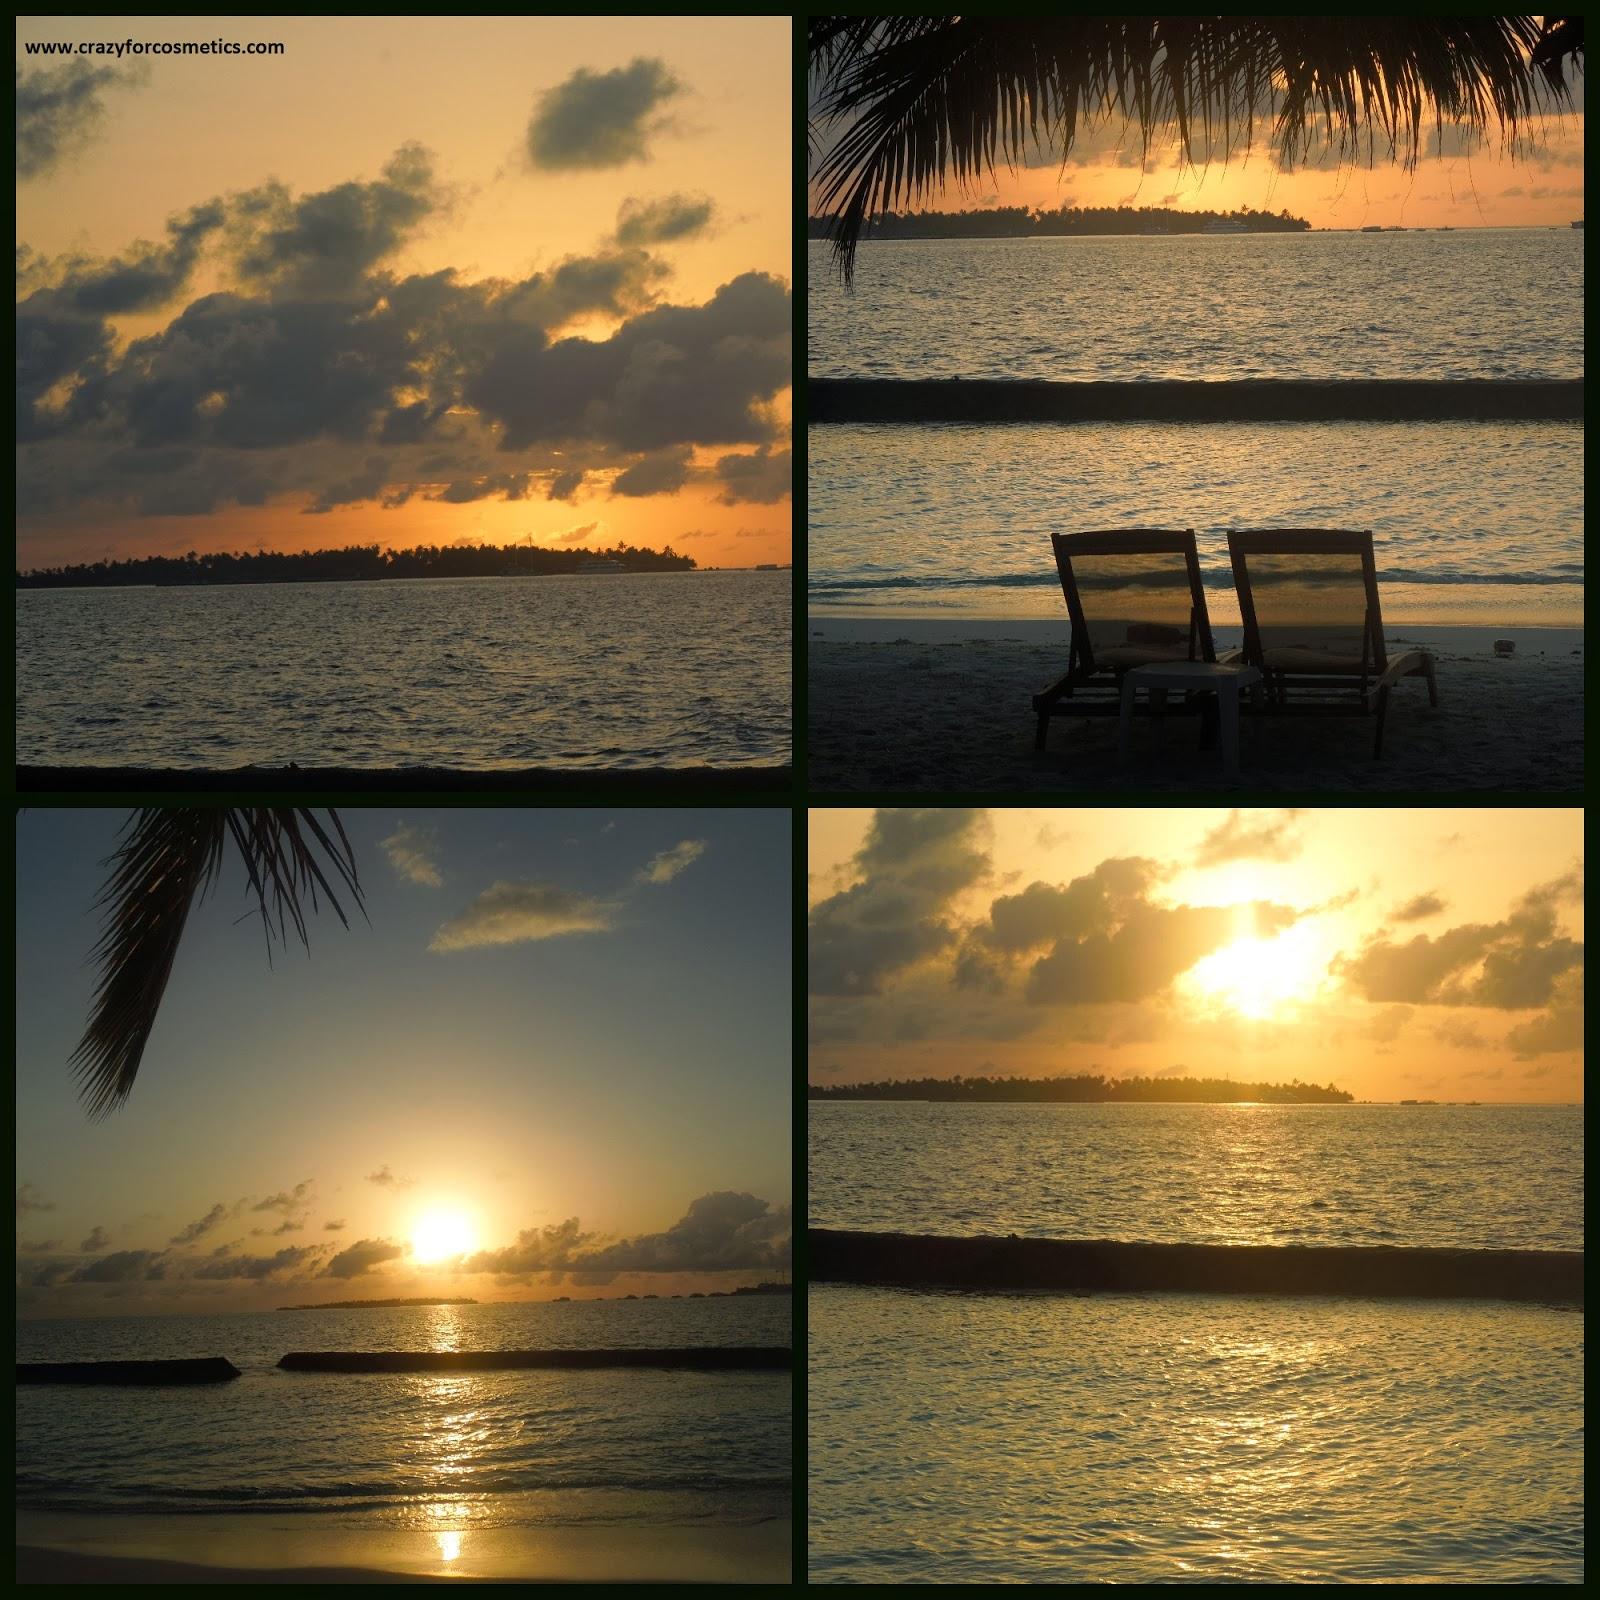 Kurumba Maldives Sunrise-Deluxe Beachfront bungalow-Kurumba Maldives Honeymoon package